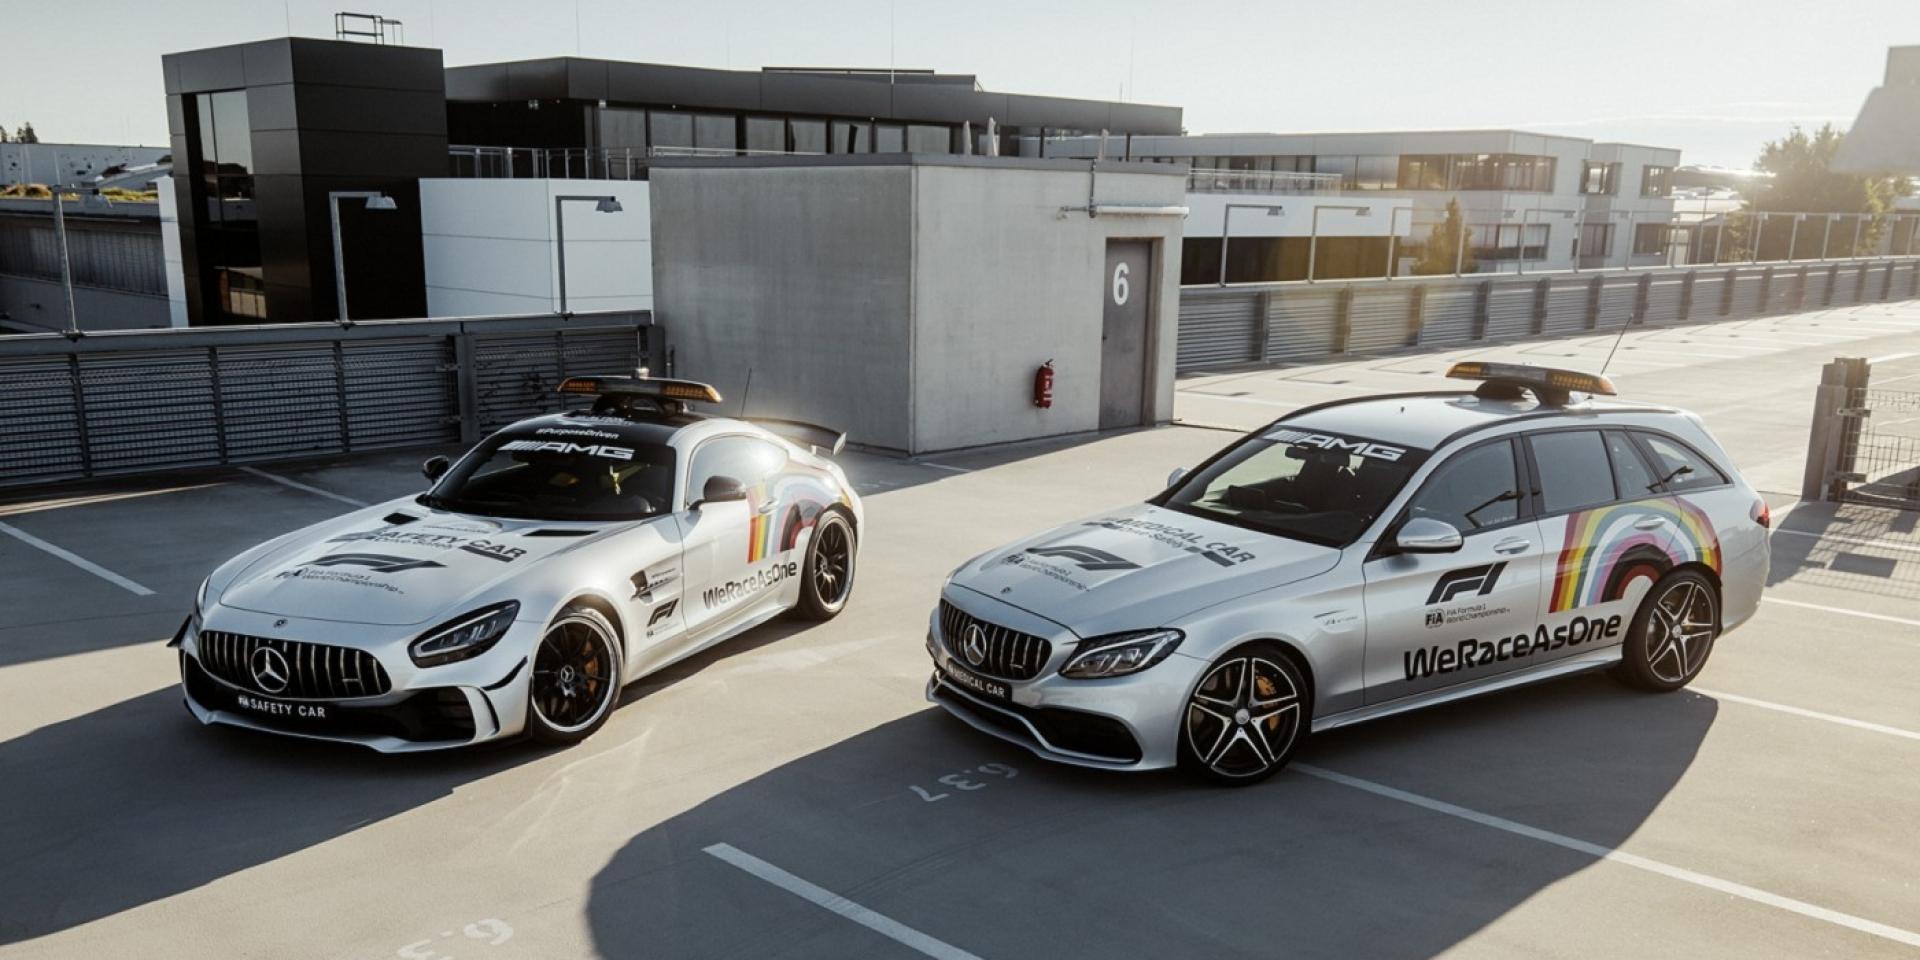 本周末F1奧地利開跑,安全車全新彩繪提倡